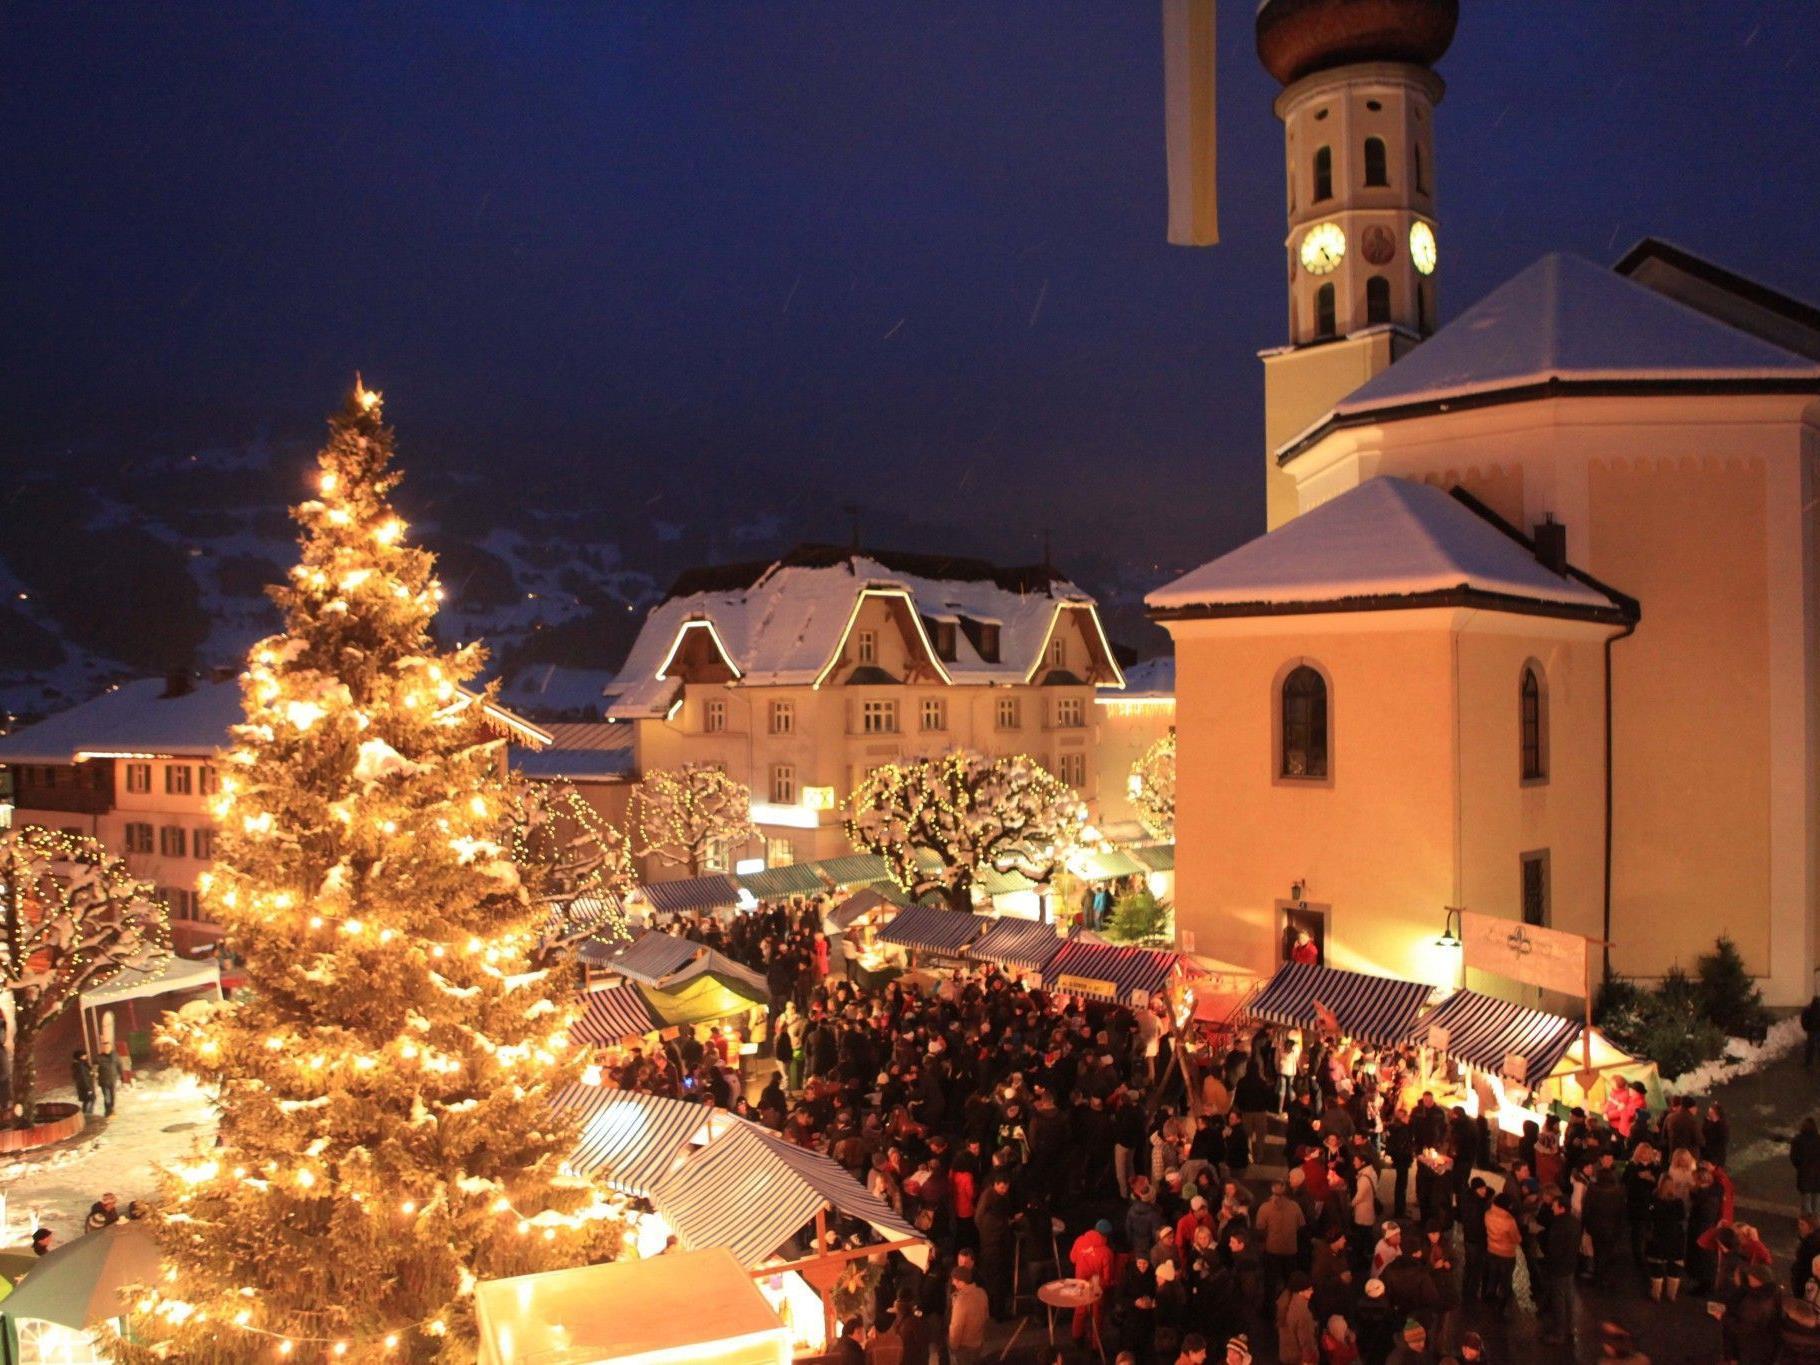 Der silbrige Sontig Markt in Schruns als Publikumsmagnet und beliebter Treffpunkt in der Adventzeit